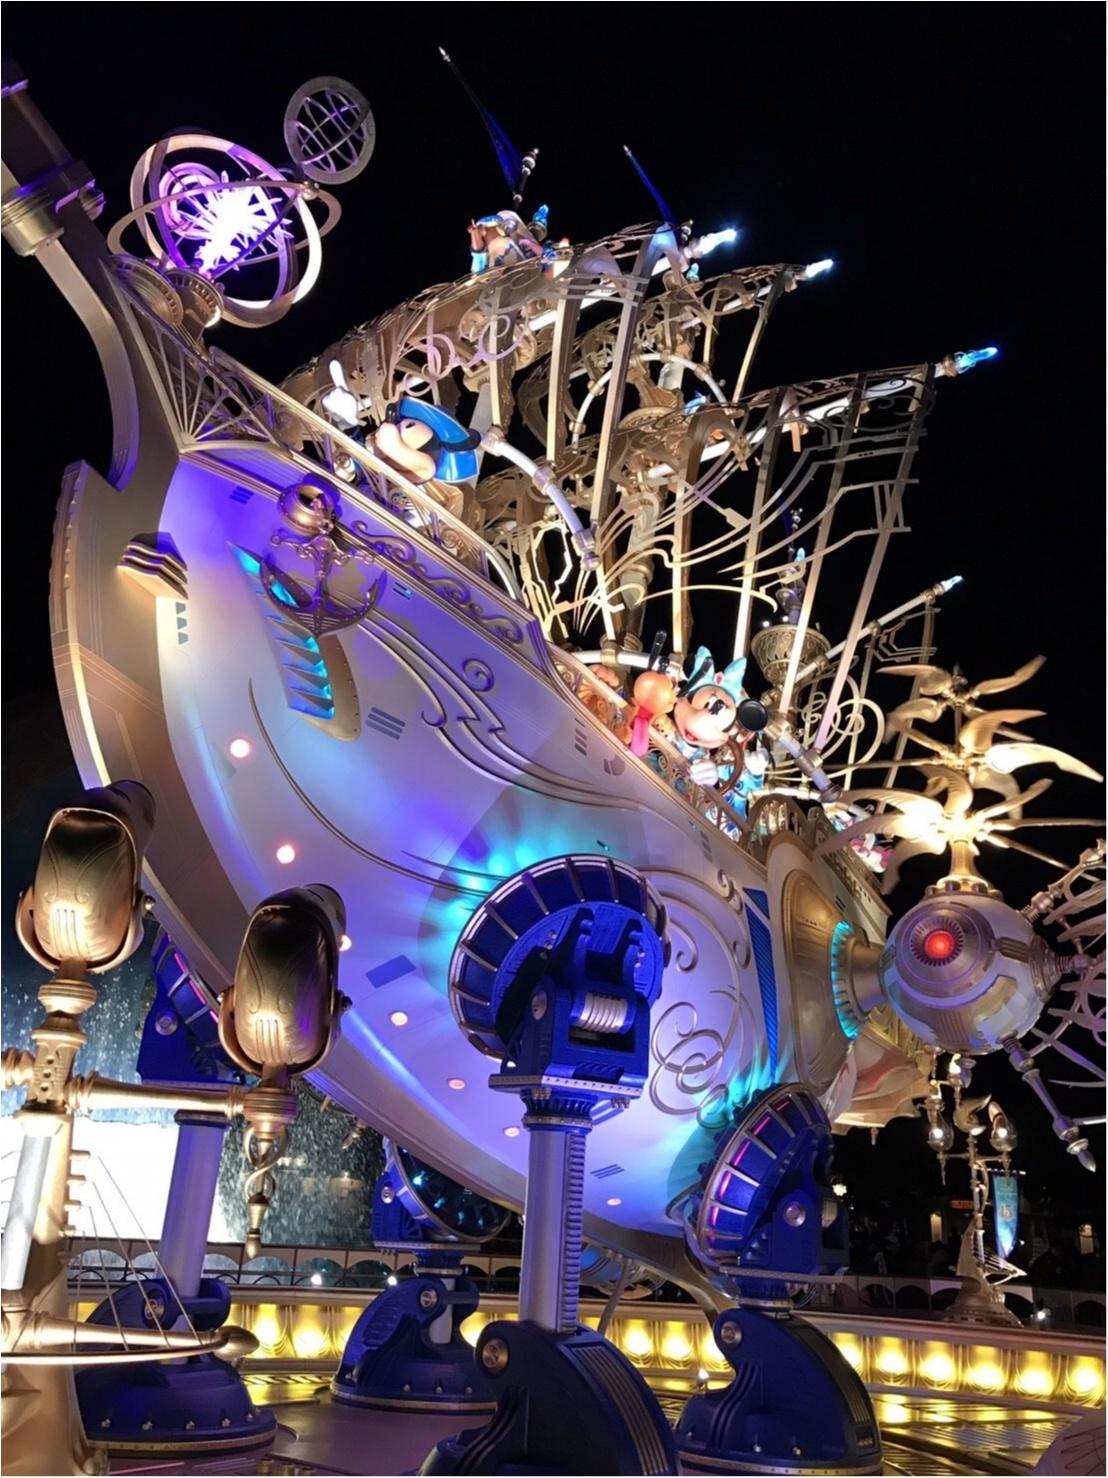 【夢のお泊まりディズニー♡】ホテルミラコスタの魅力をたっぷりご紹介します(*´꒳`*)_8